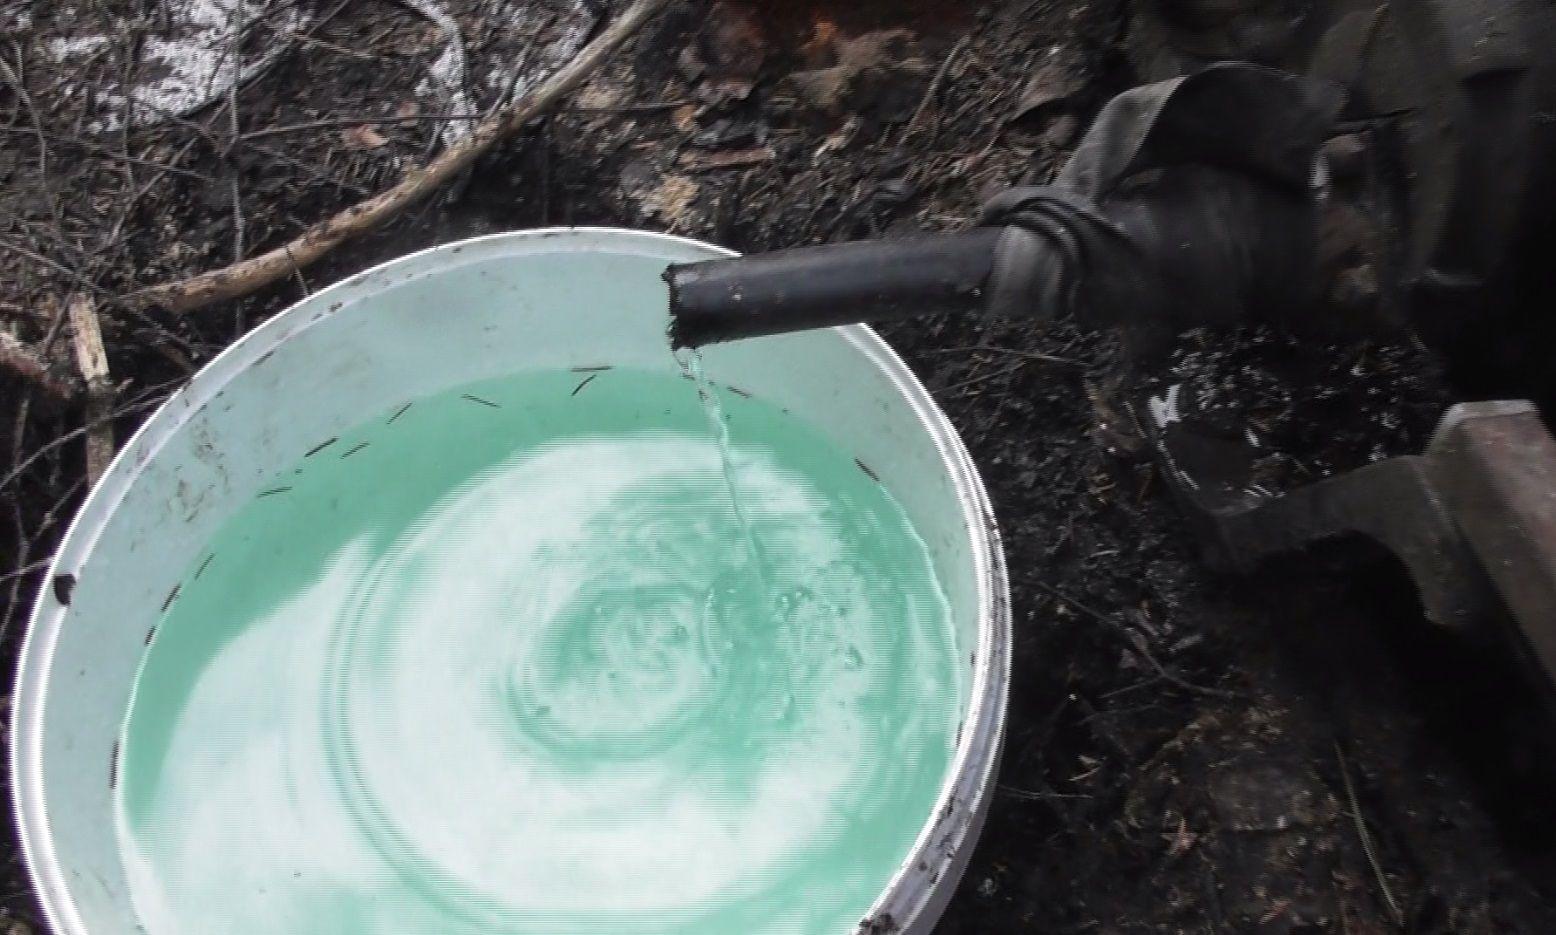 Miške rasta įranga naminei degtinei gaminti